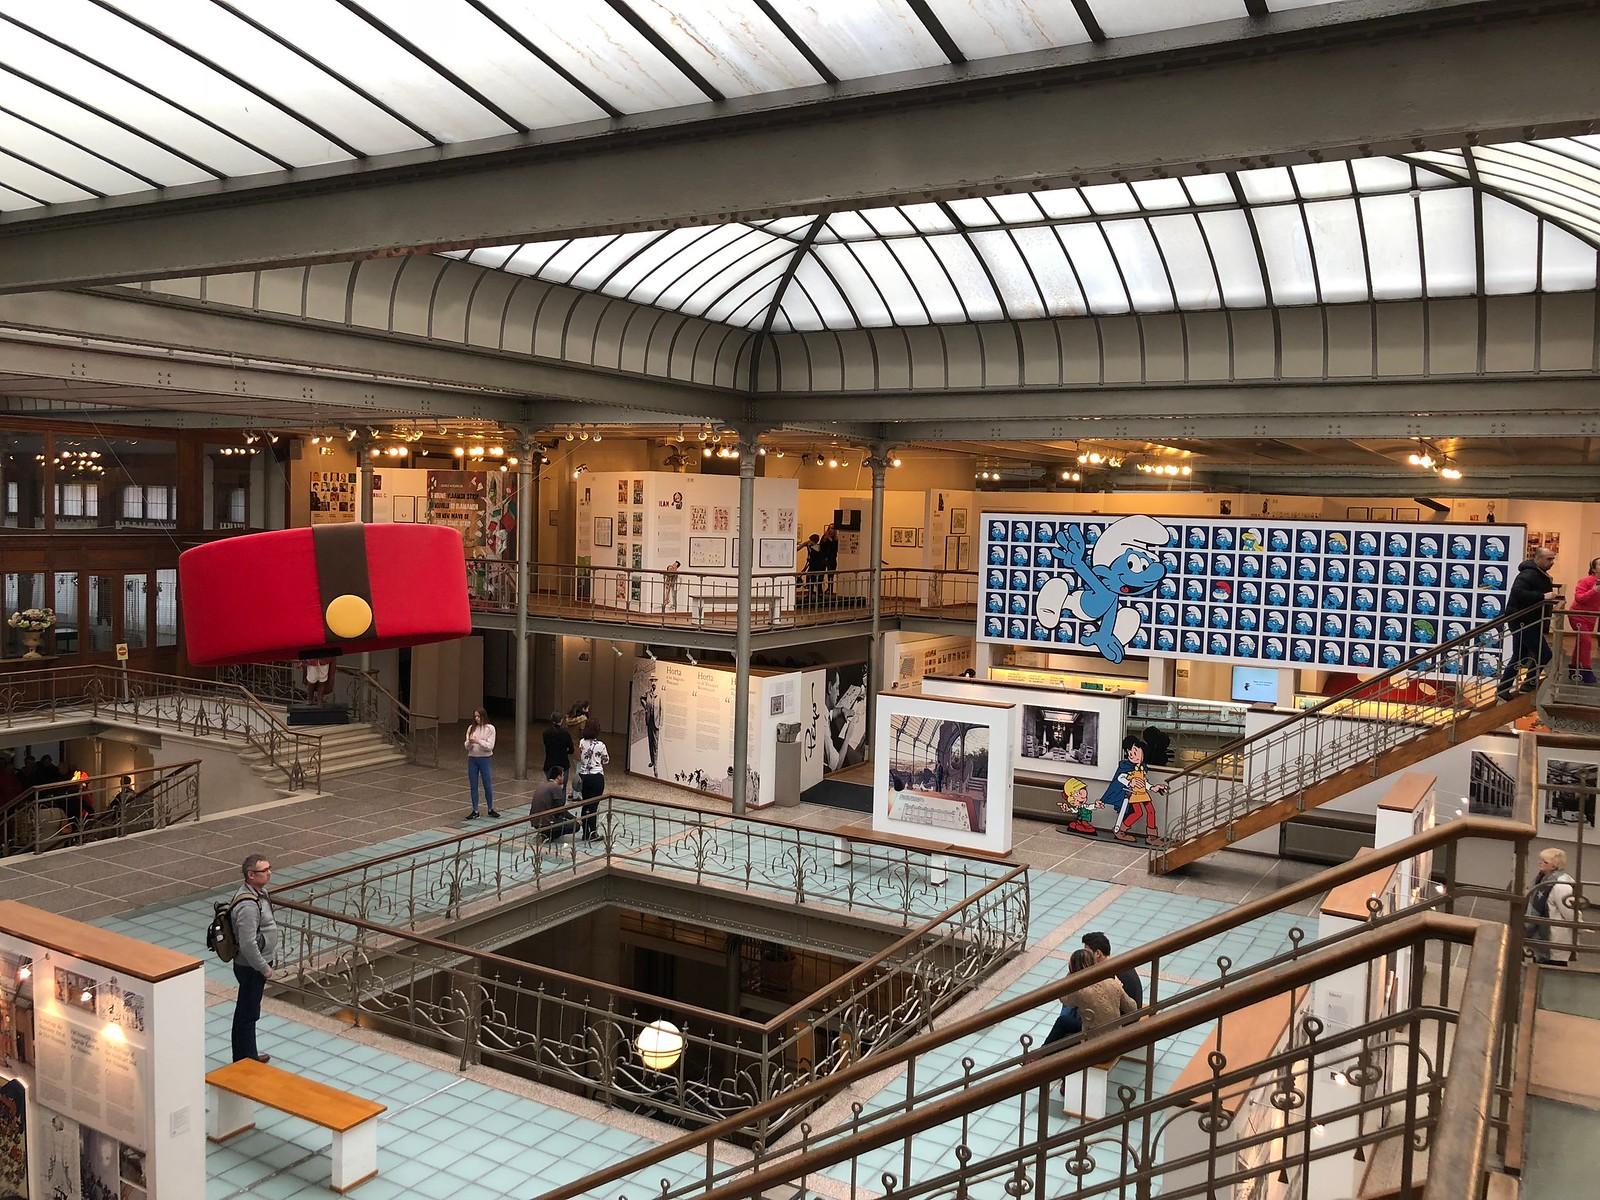 El Museo se ubica en un bonito edificio modernista